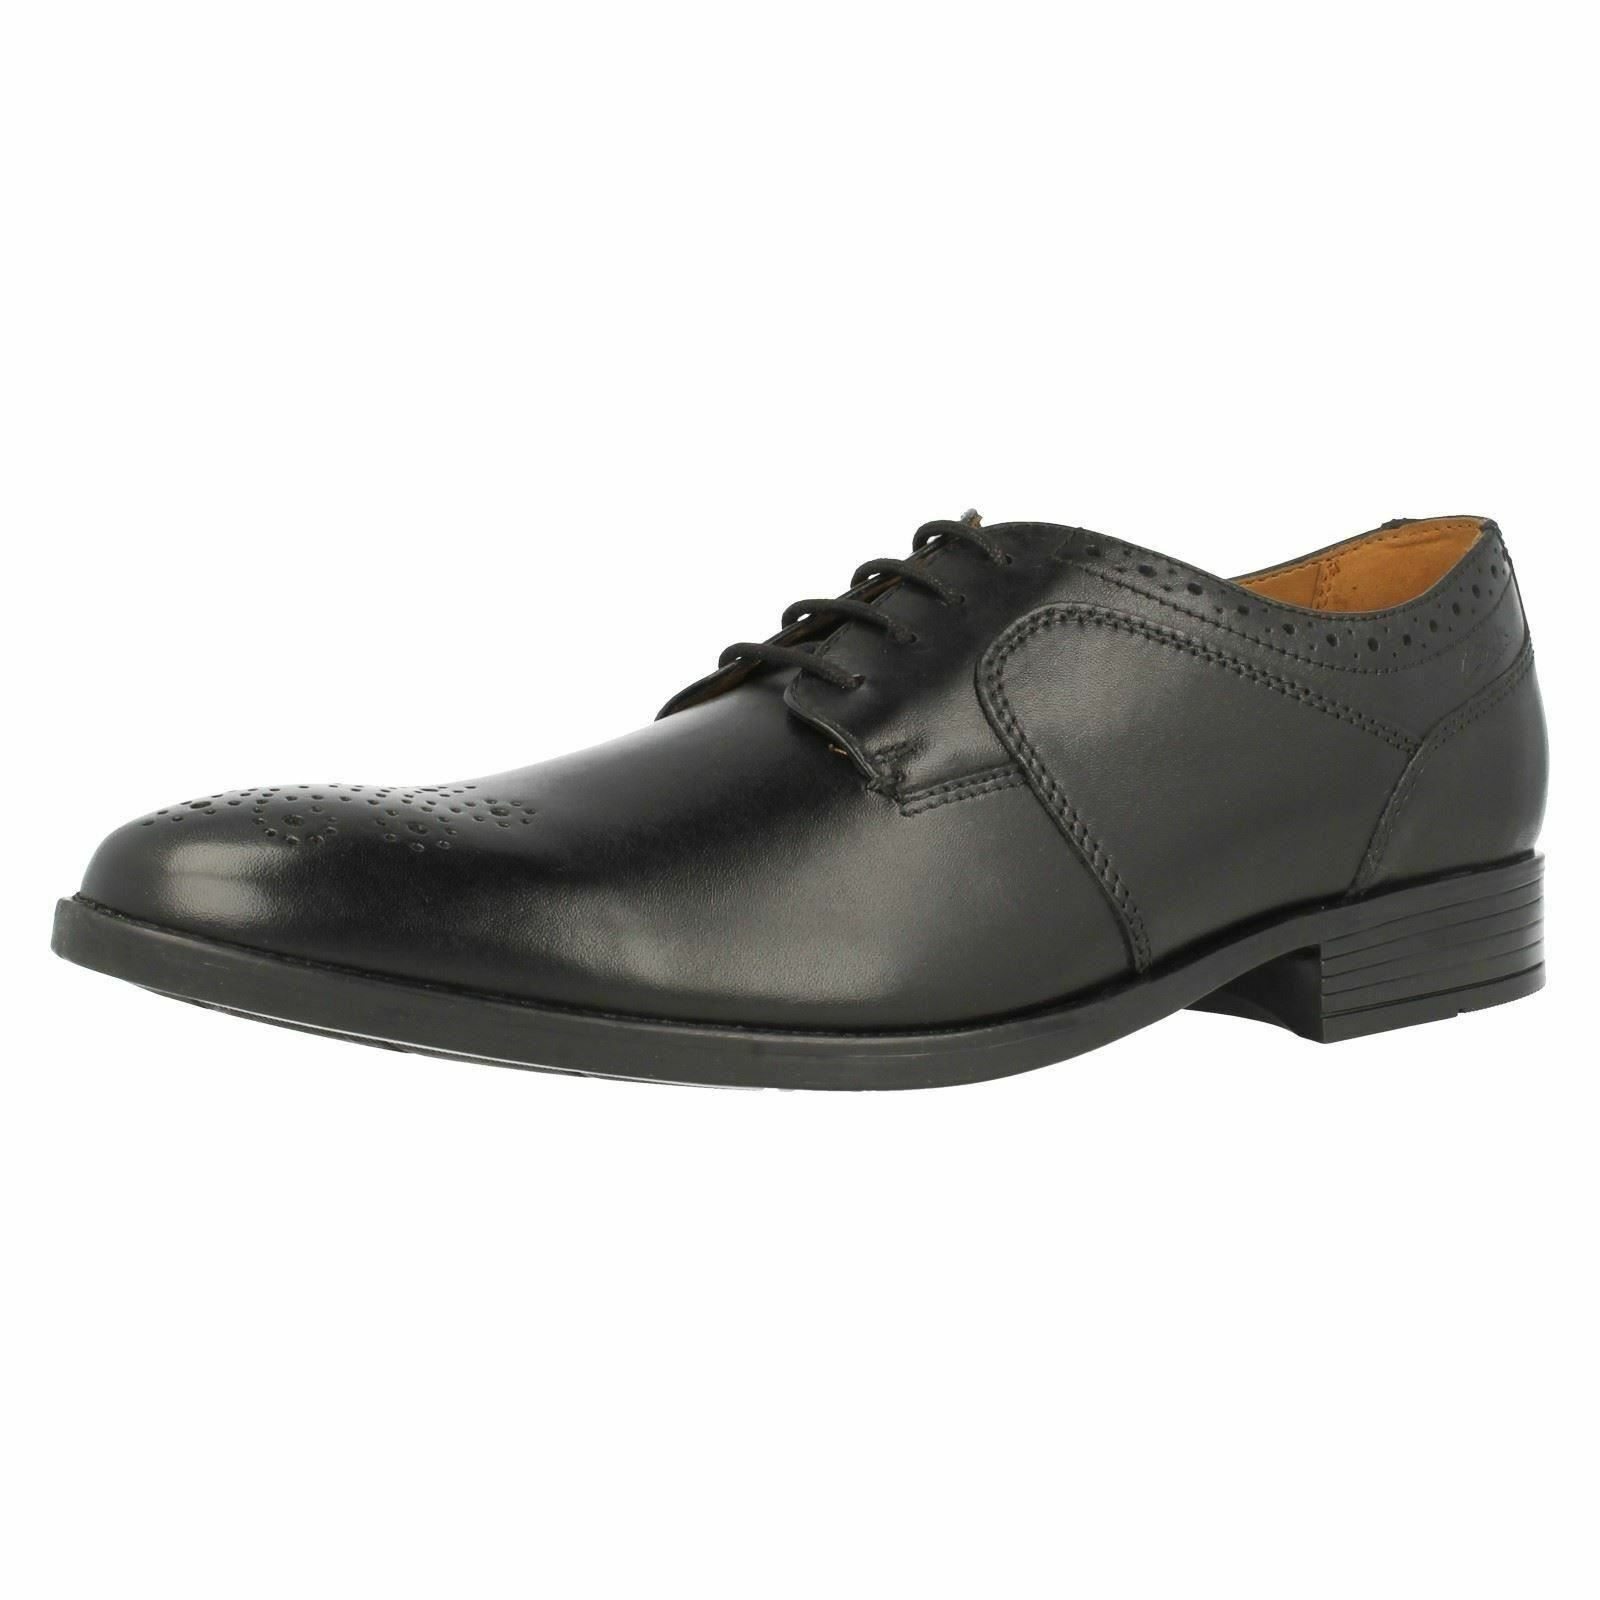 Billig gute Qualität Clarks Kalden Edge Schuhe